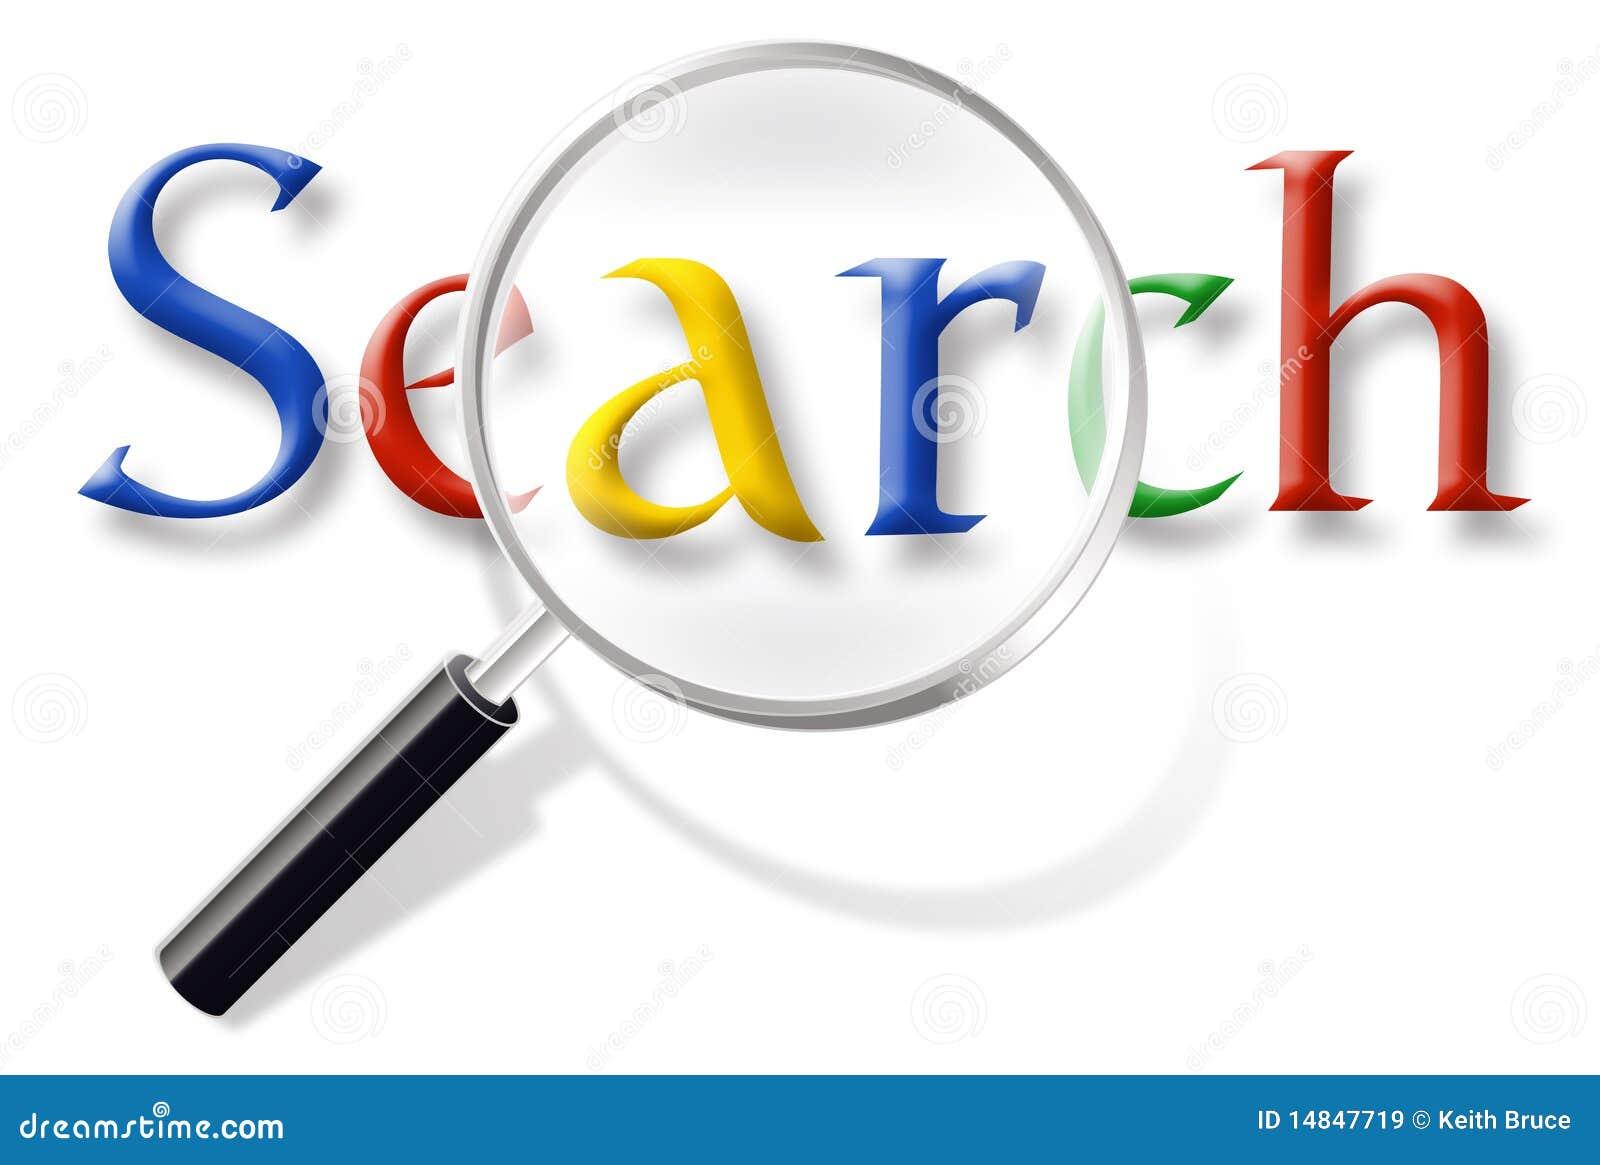 Web Internet Search